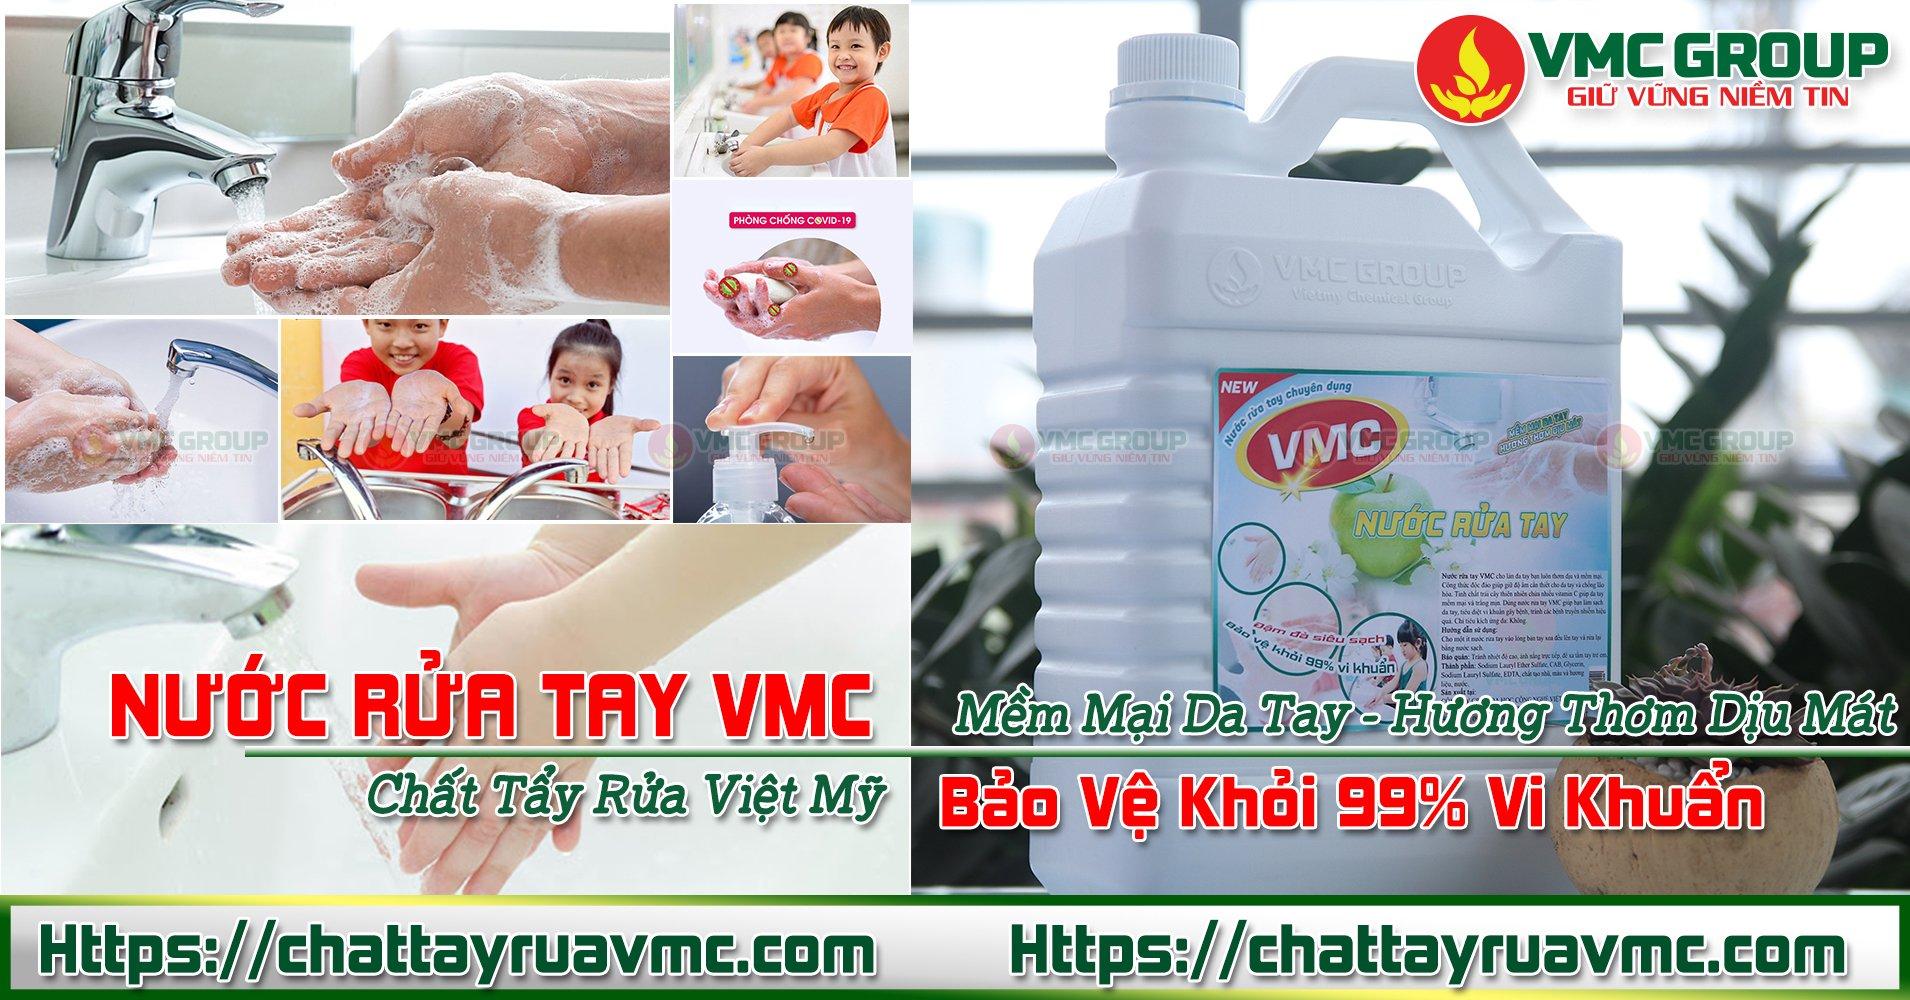 VMC RỬA TAY